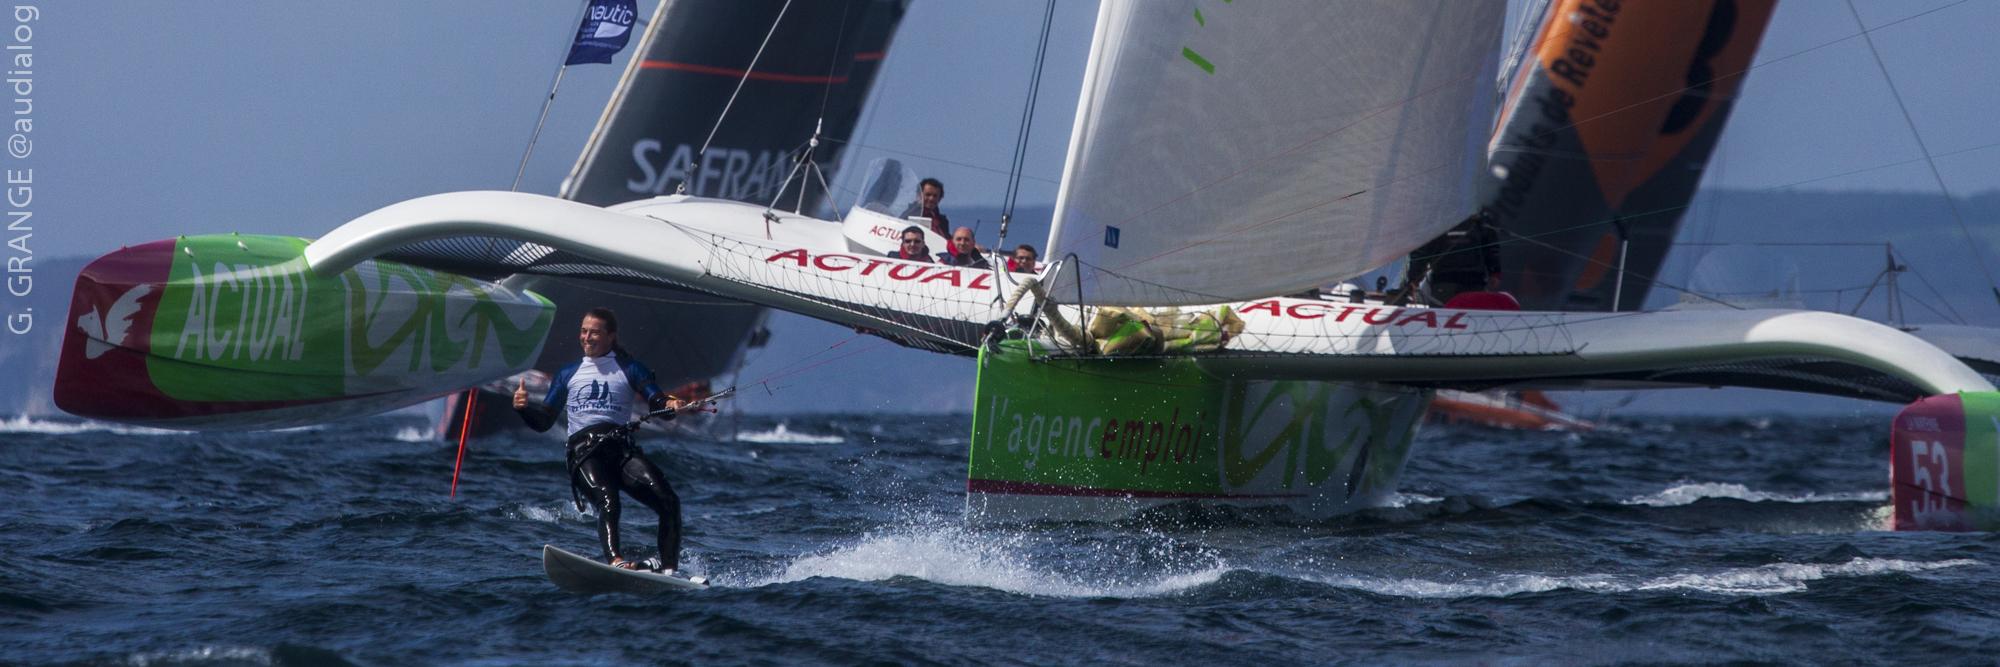 Grand Prix Petit Navire 2010 Alex CAIZERGUES en Kite Surf et Yves LE BLEVEC sur Actual -  Multi 50